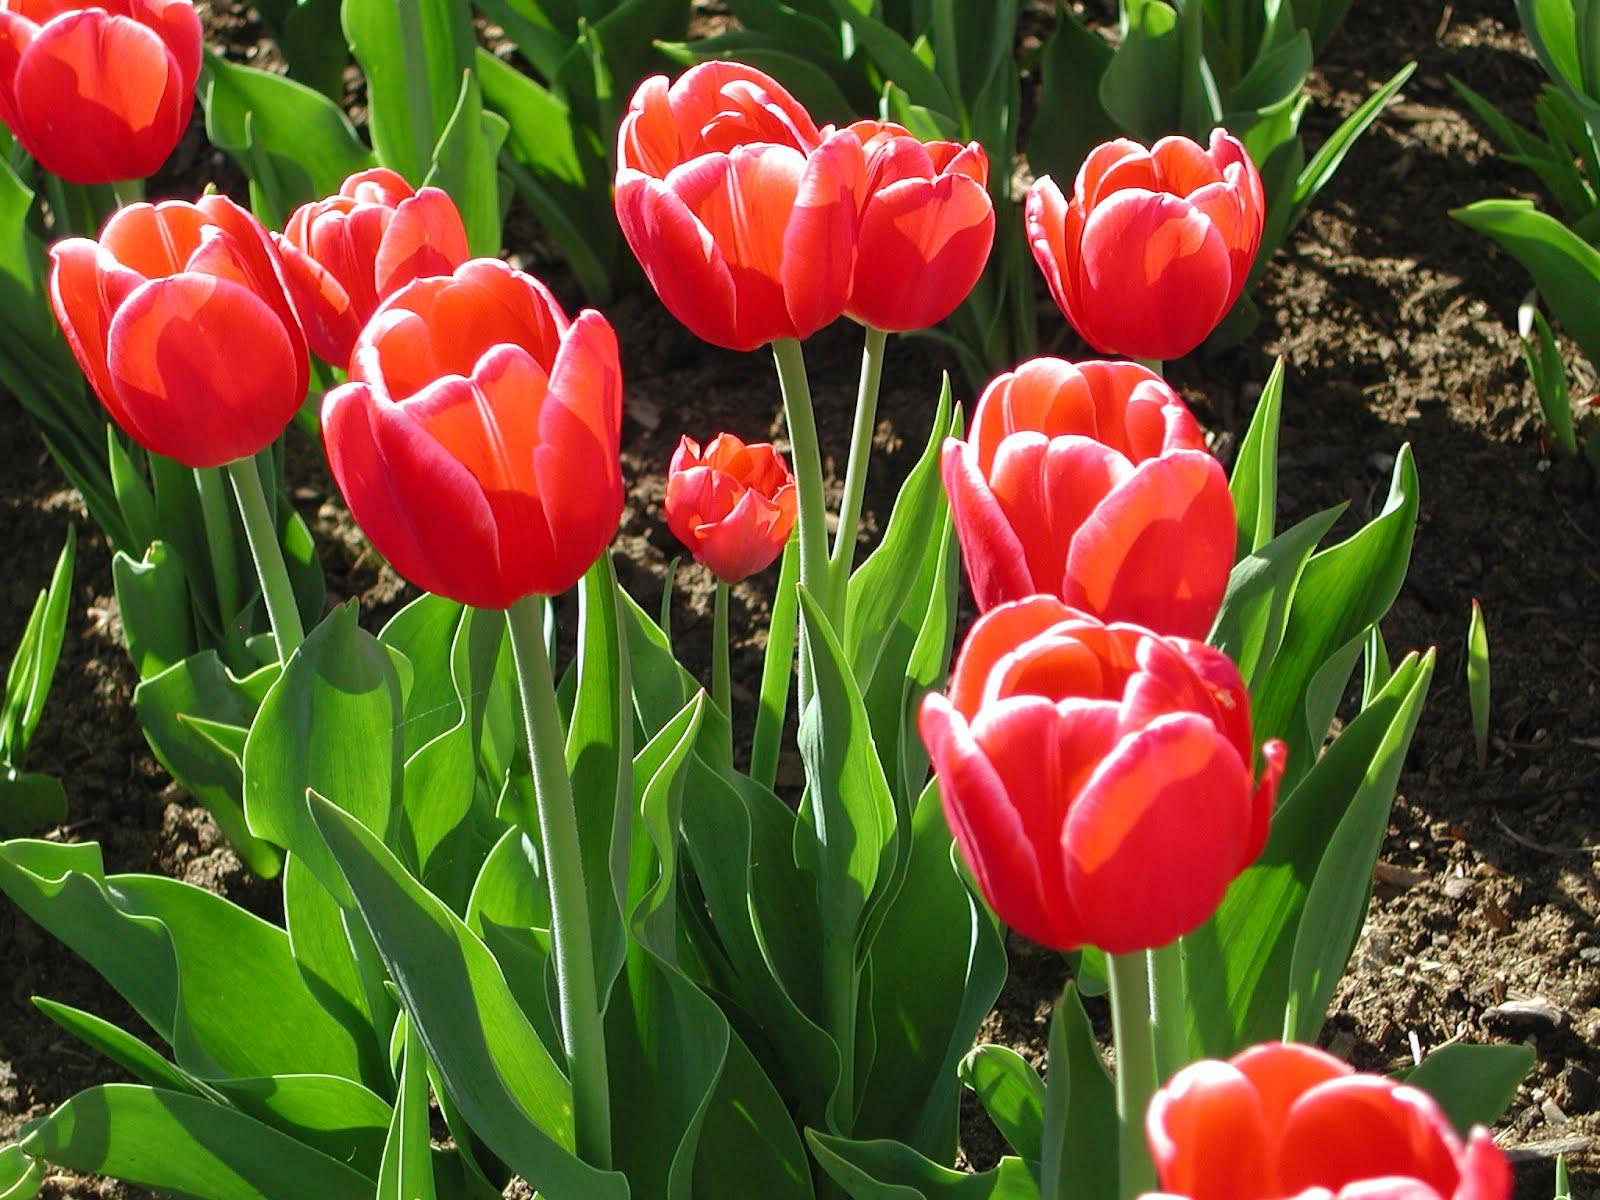 Adquiere Aqui Estos Fondos De Pantalla Con Flores Hermosas: Fondos De Pantalla De Flores – Tulipanes